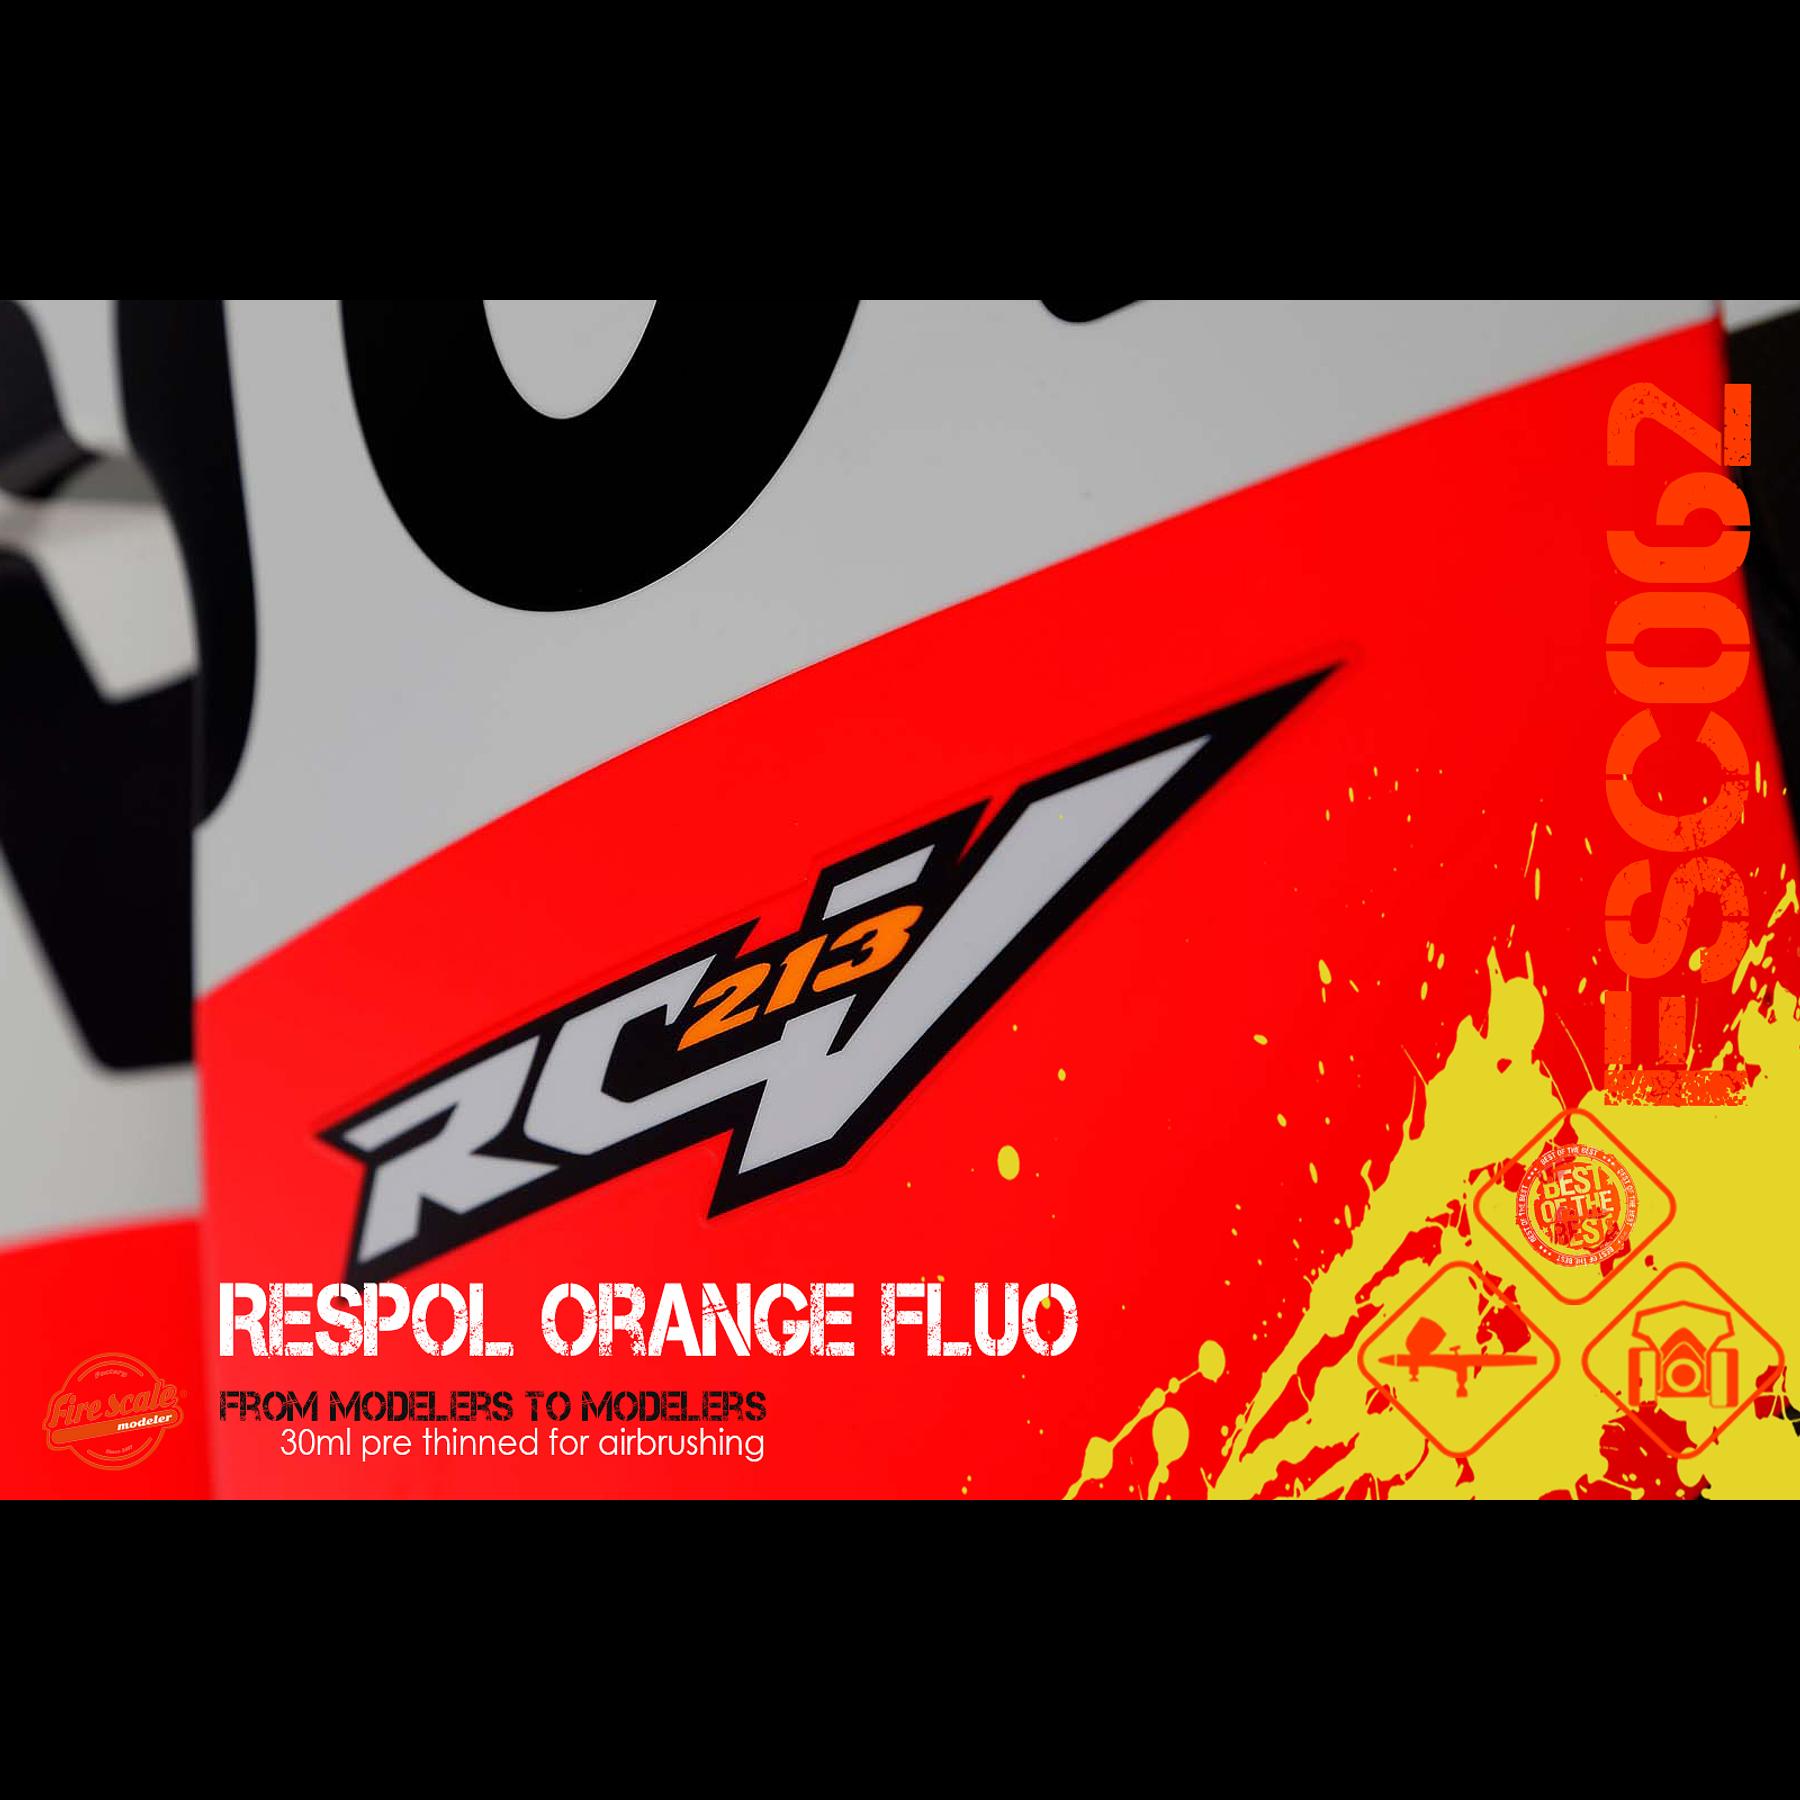 Naranja Fluo Repsol